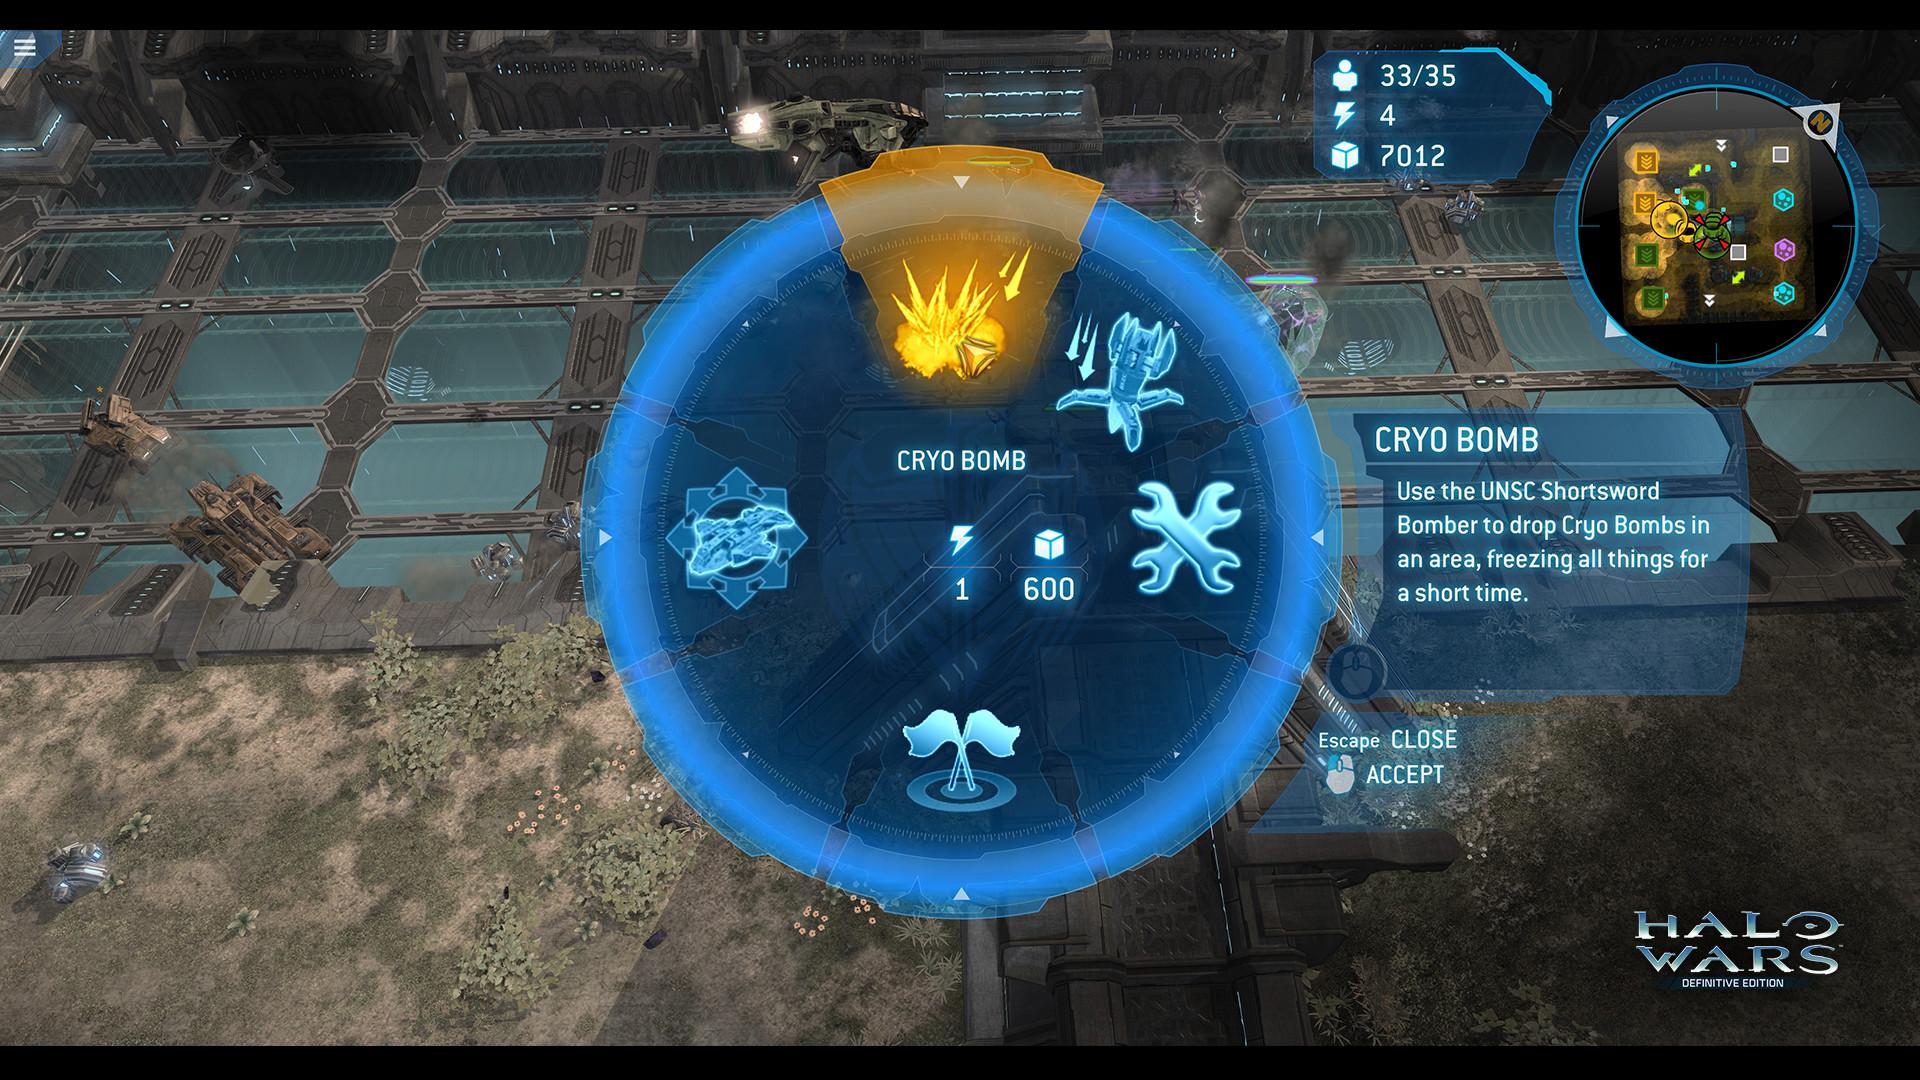 Halo Wars: Definitive Edition Screenshot 3